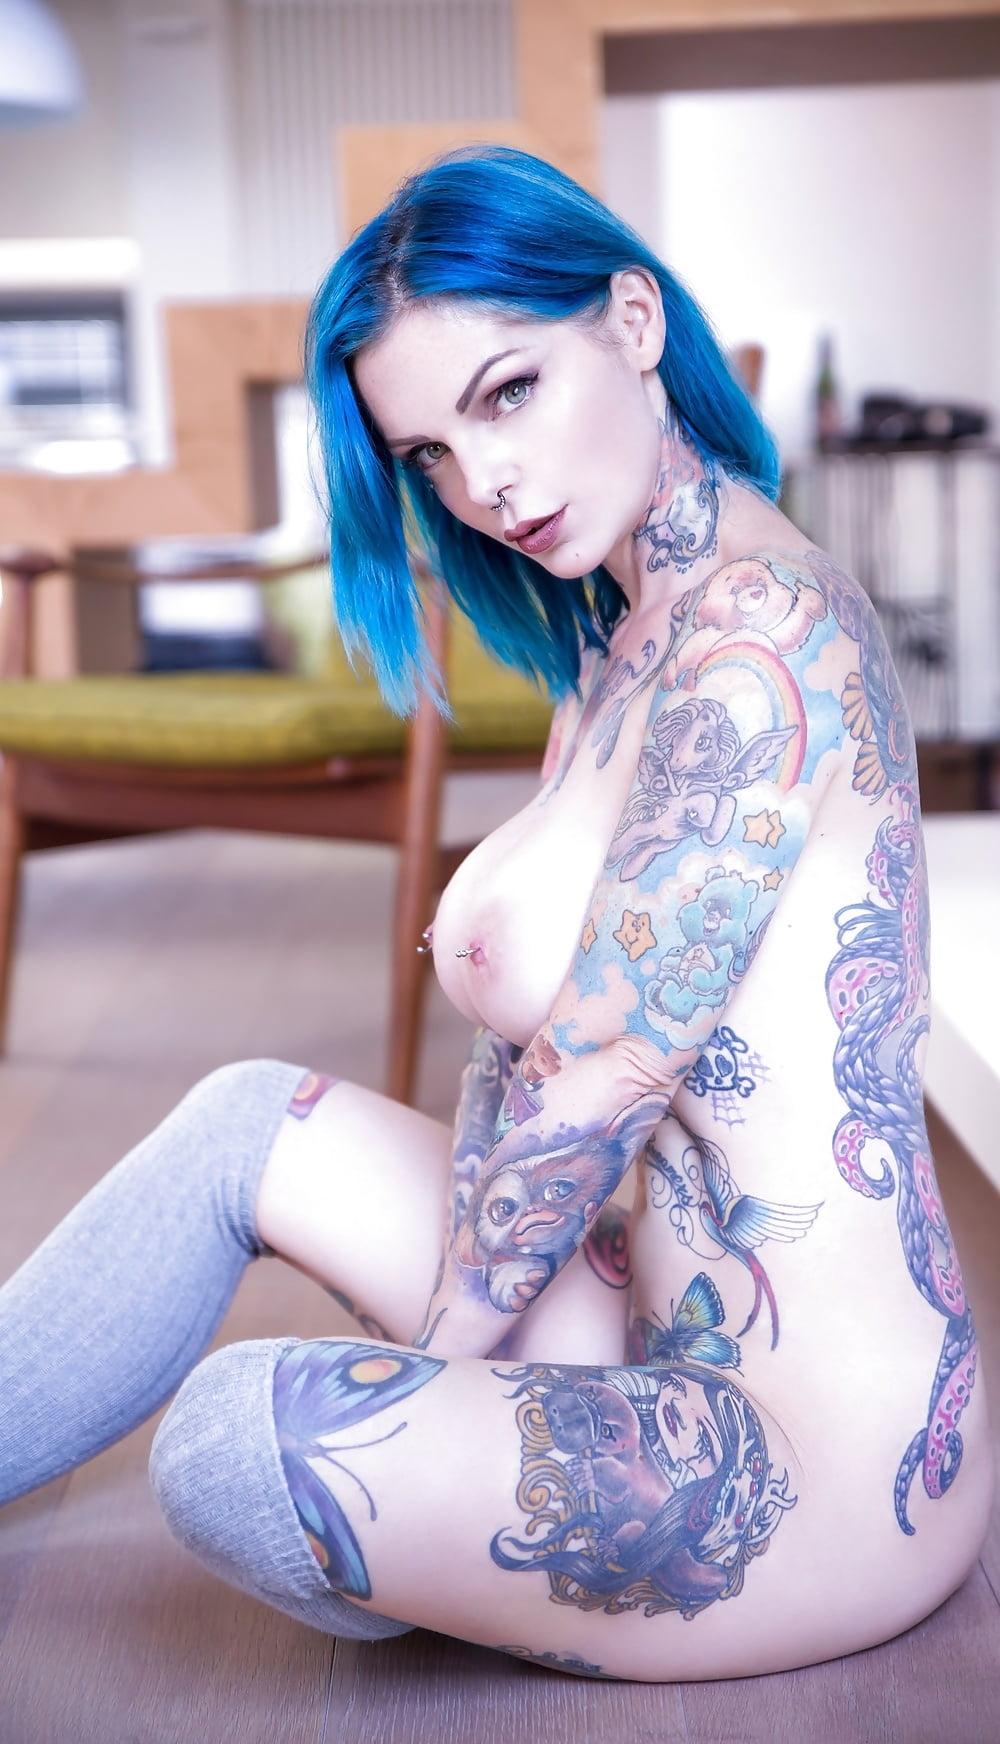 Hot suicide girl strapon bargirl